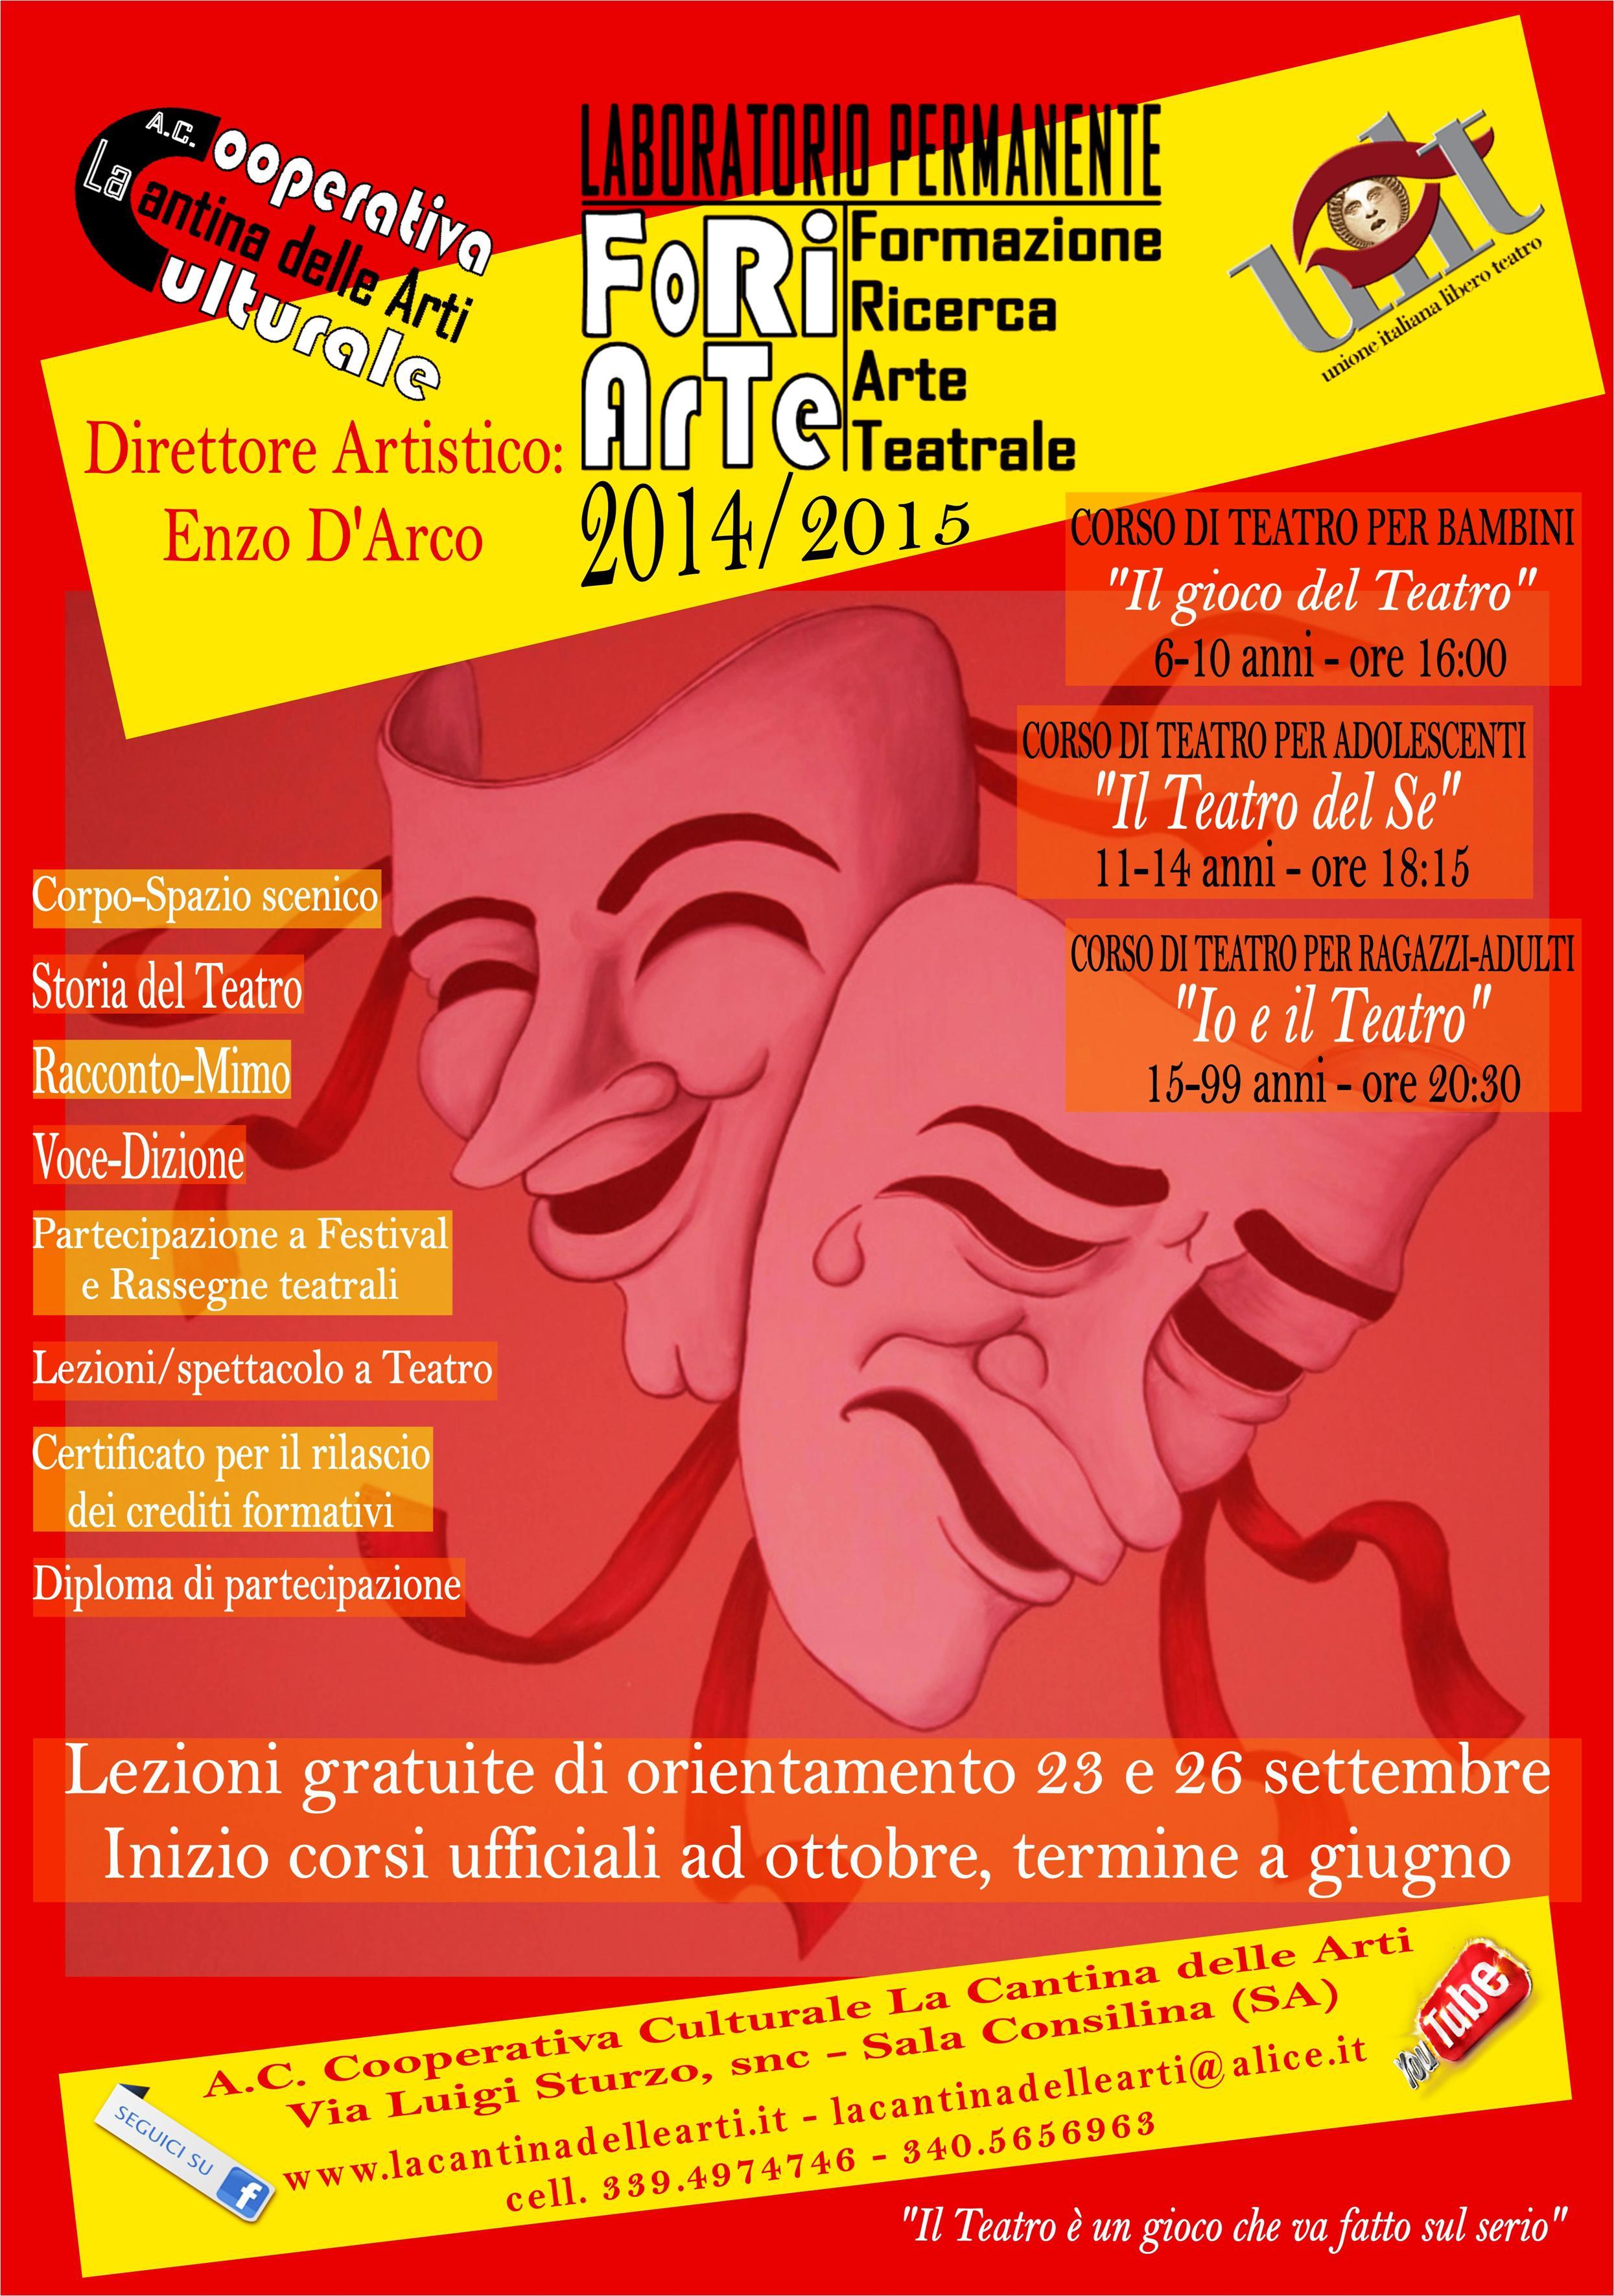 FoRiArTe 2014-2015